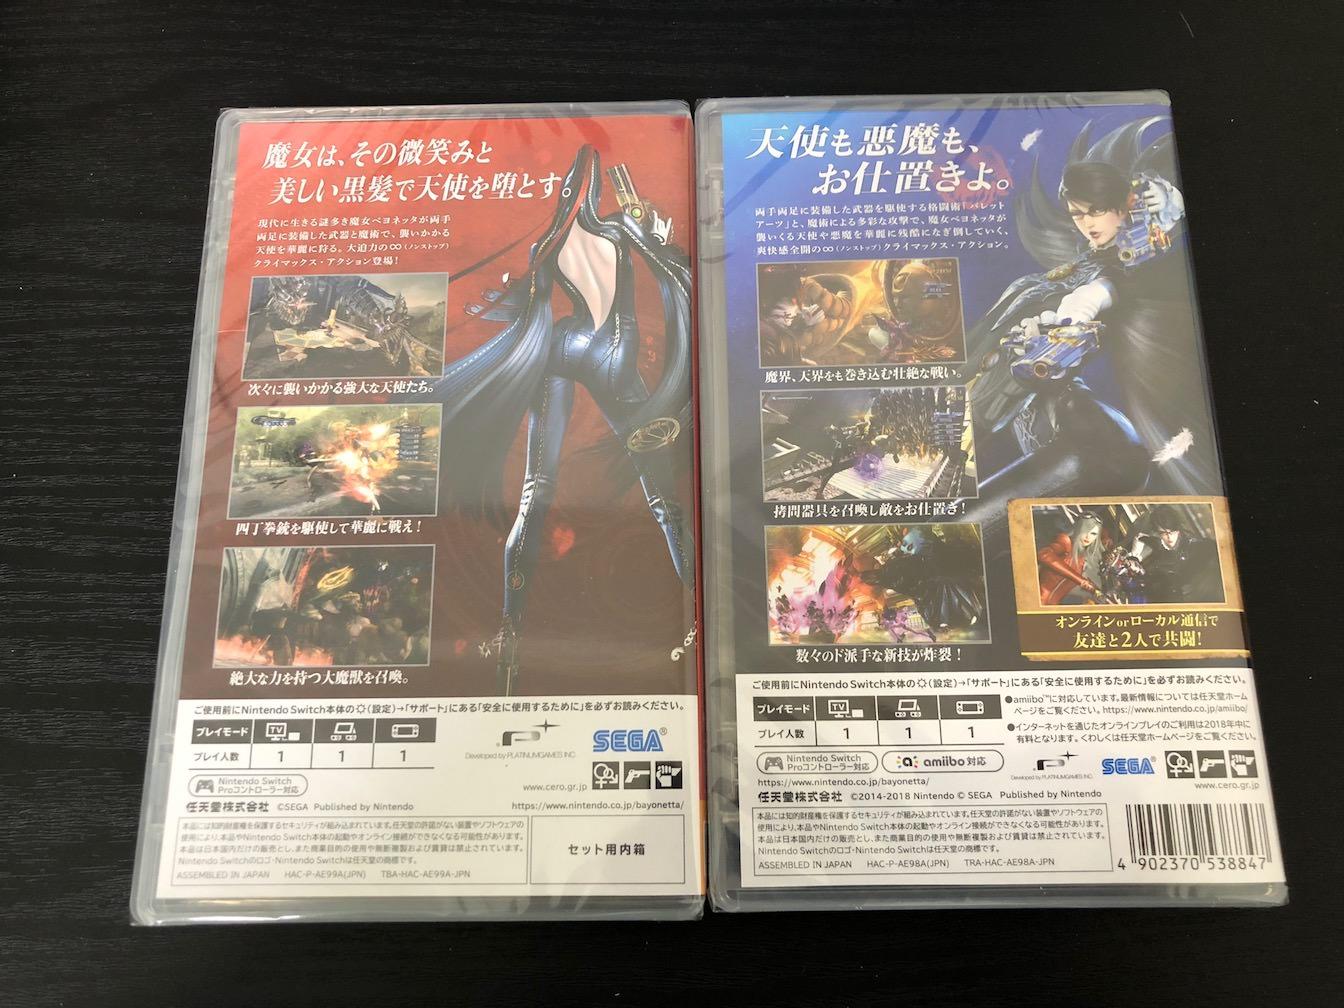 Bayonetta non stop climax edition review 11